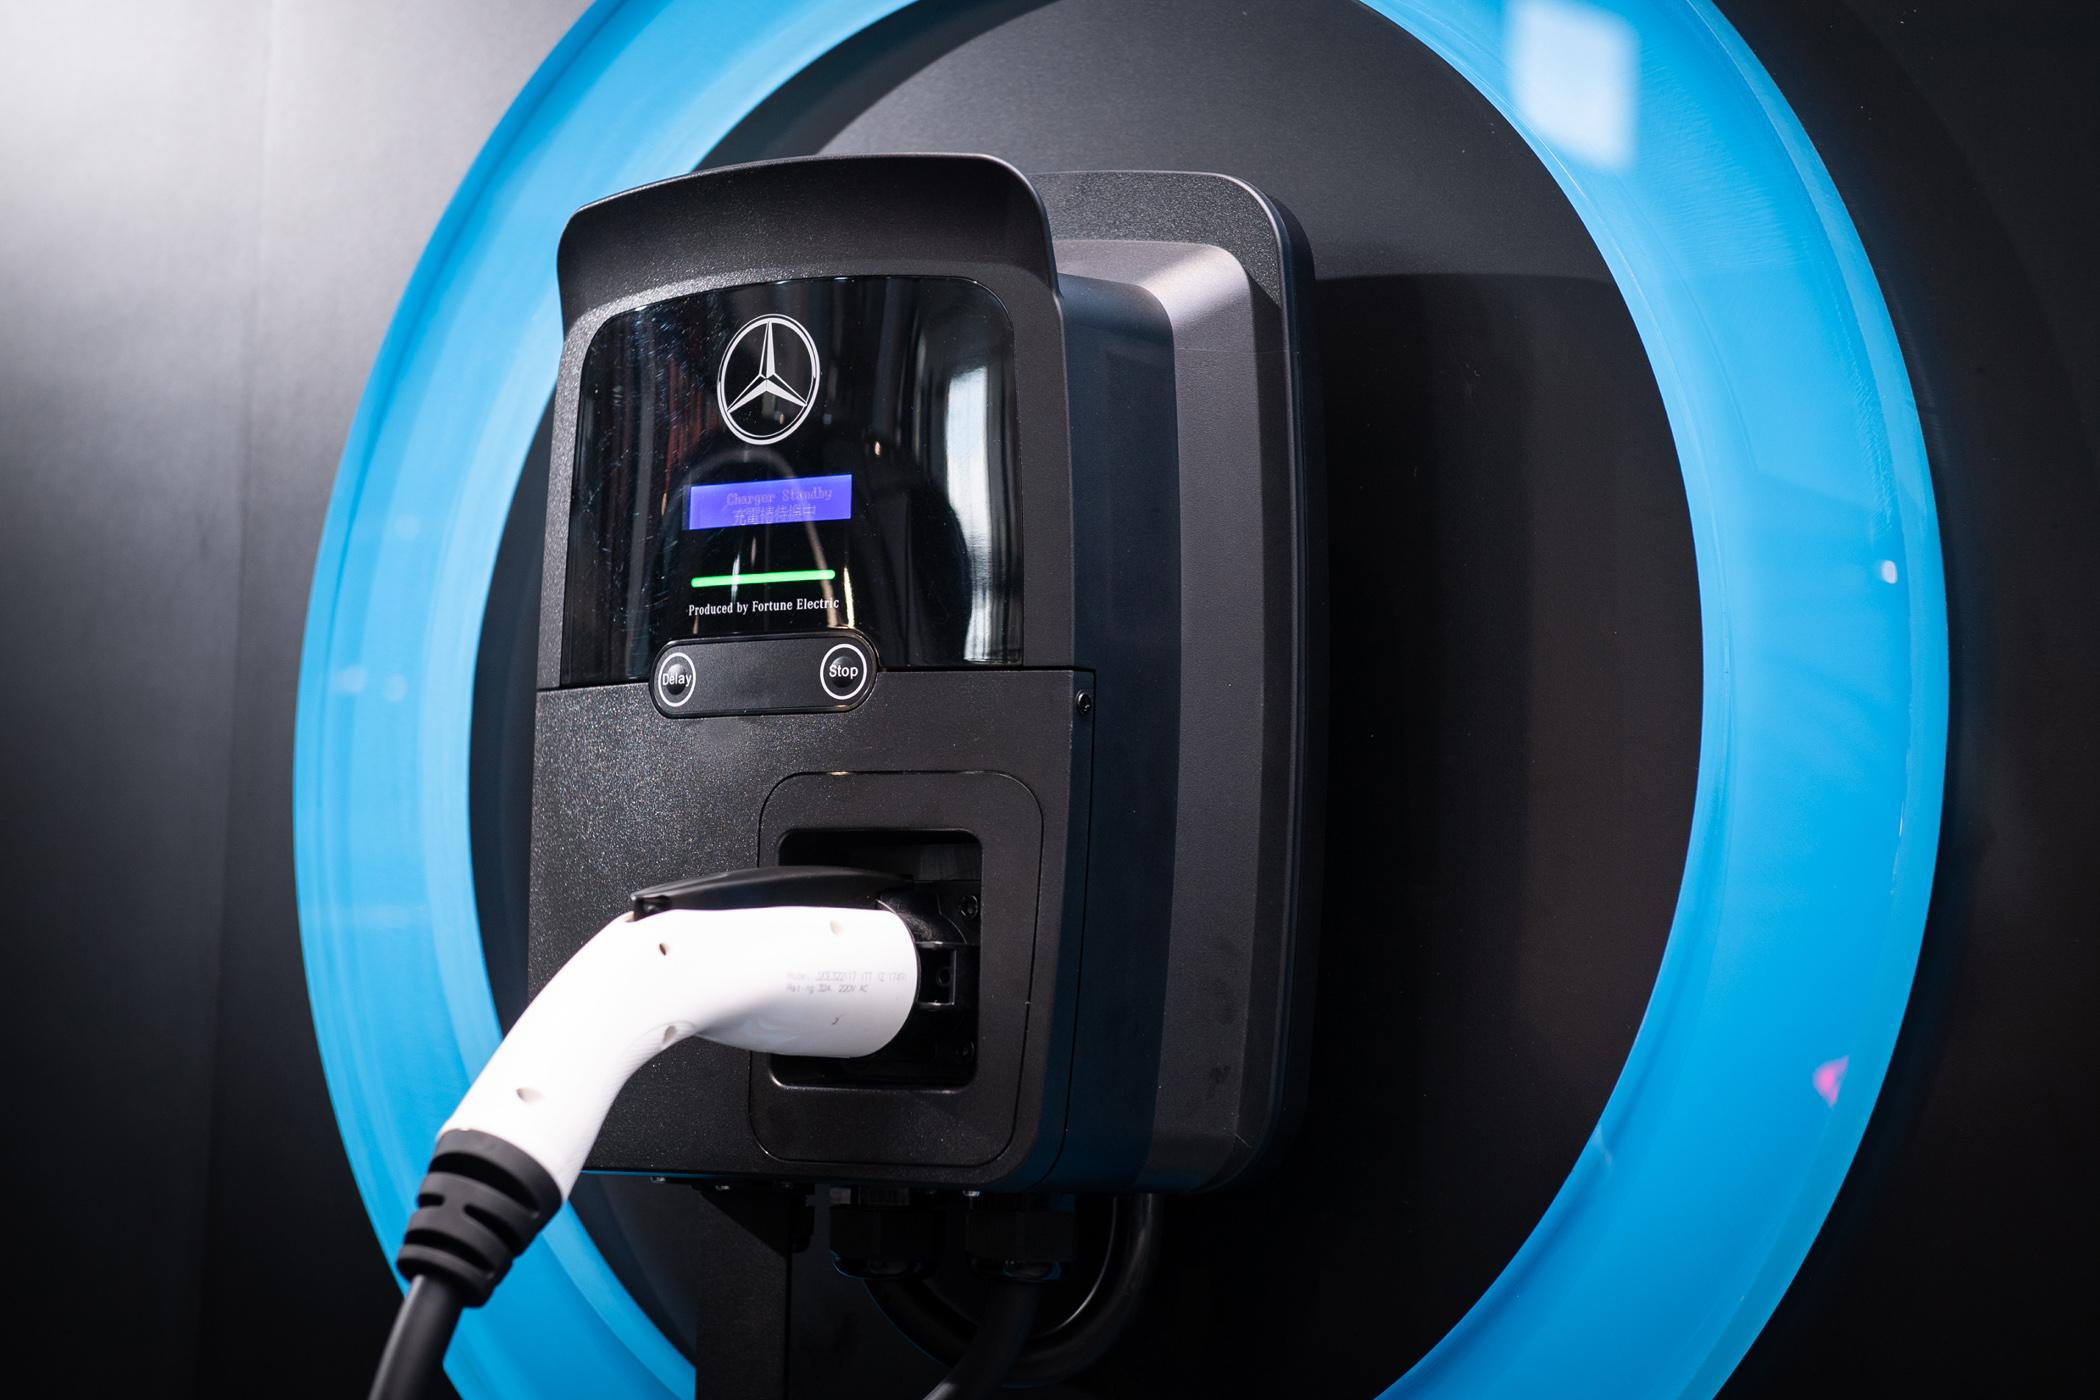 將協助到府評估及安裝壁掛式充電器(壁掛式充電器免費,安裝費則視實際情況另計)。